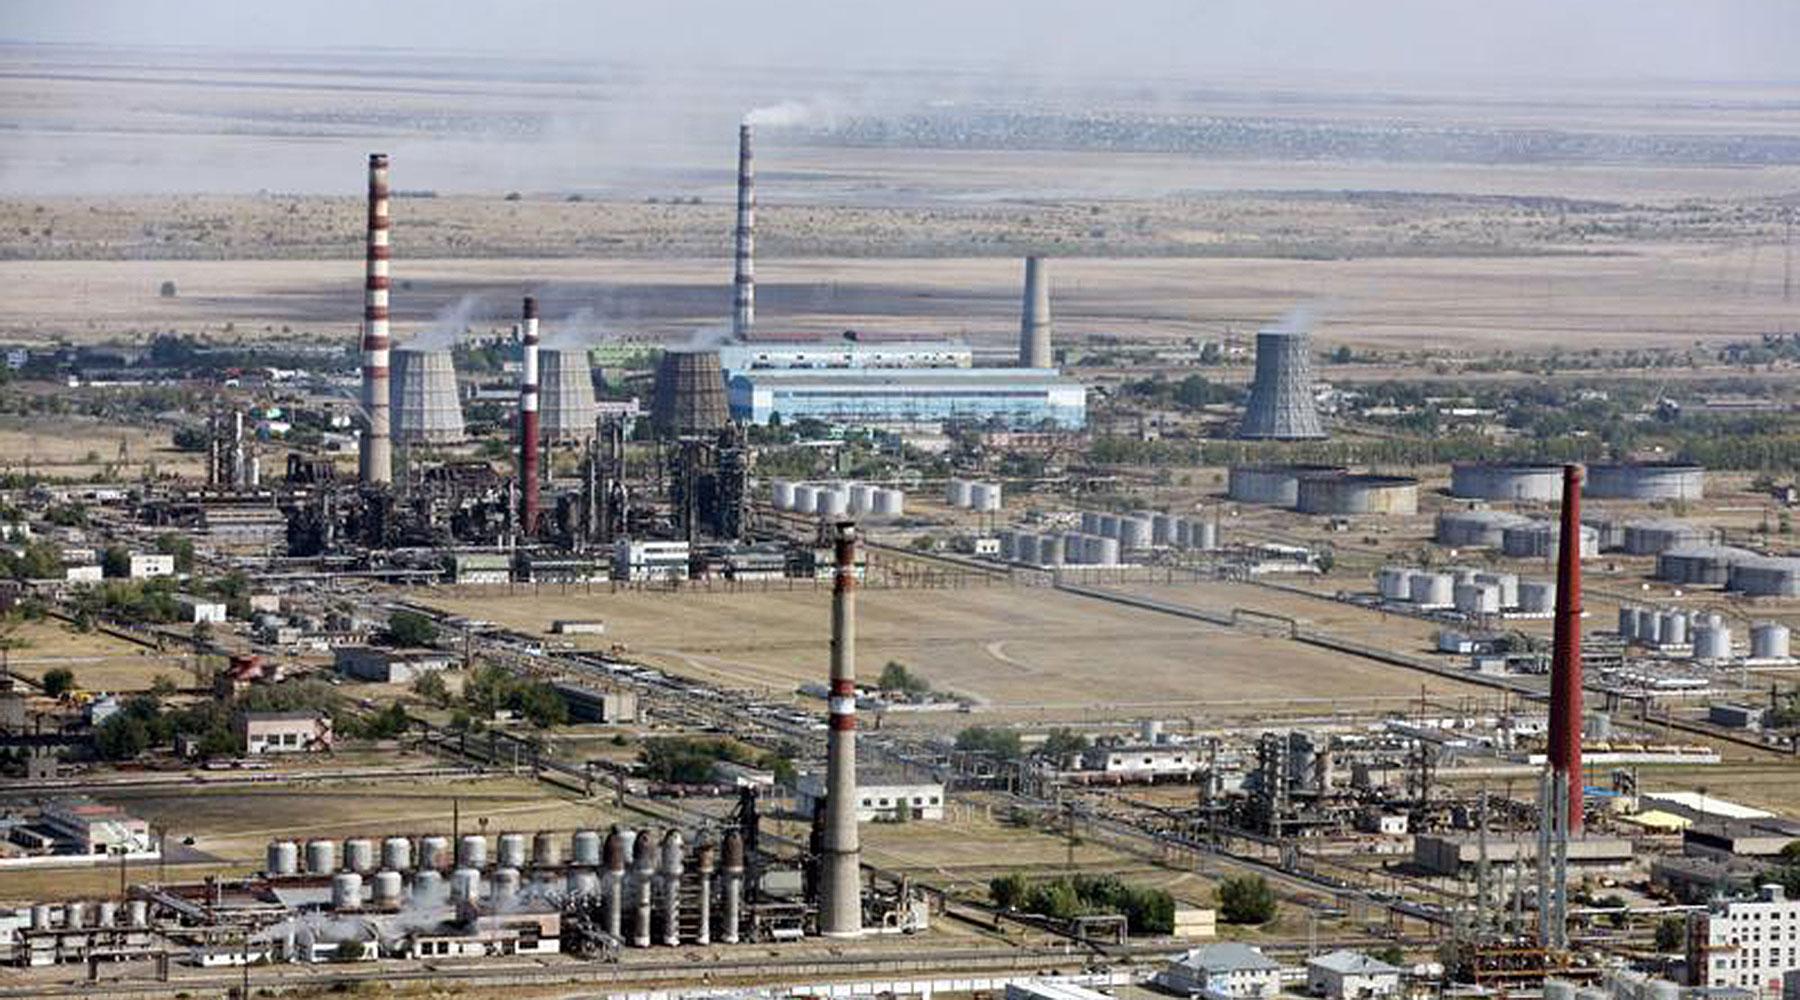 Актюбинский завод ферросплавов увеличил производство на 16,7% в 2018 году